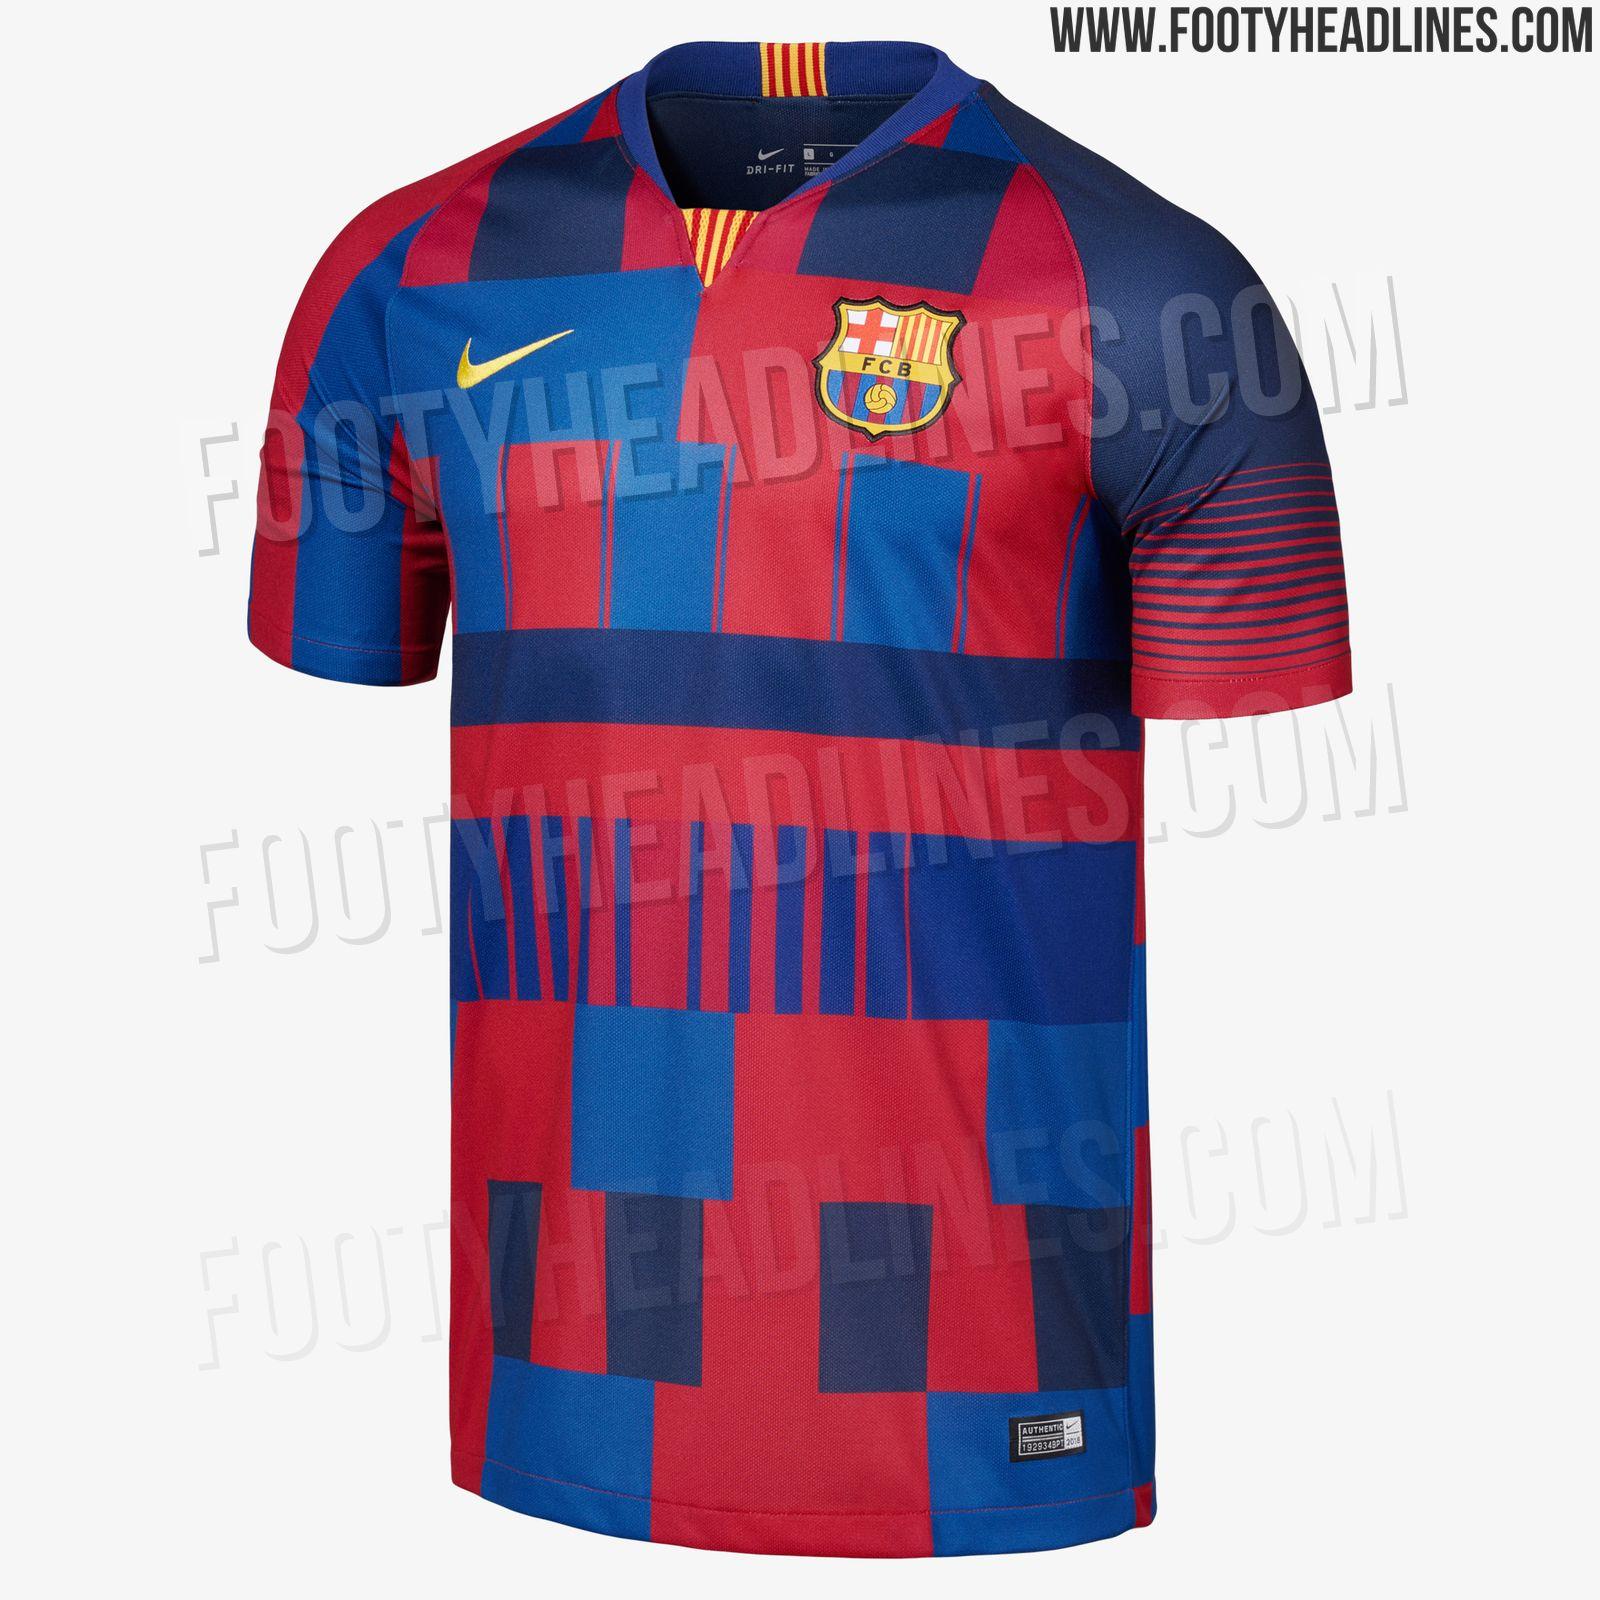 477c367989 Nike celebra los 20 años junto al FC Barcelona con esta espectacular ...